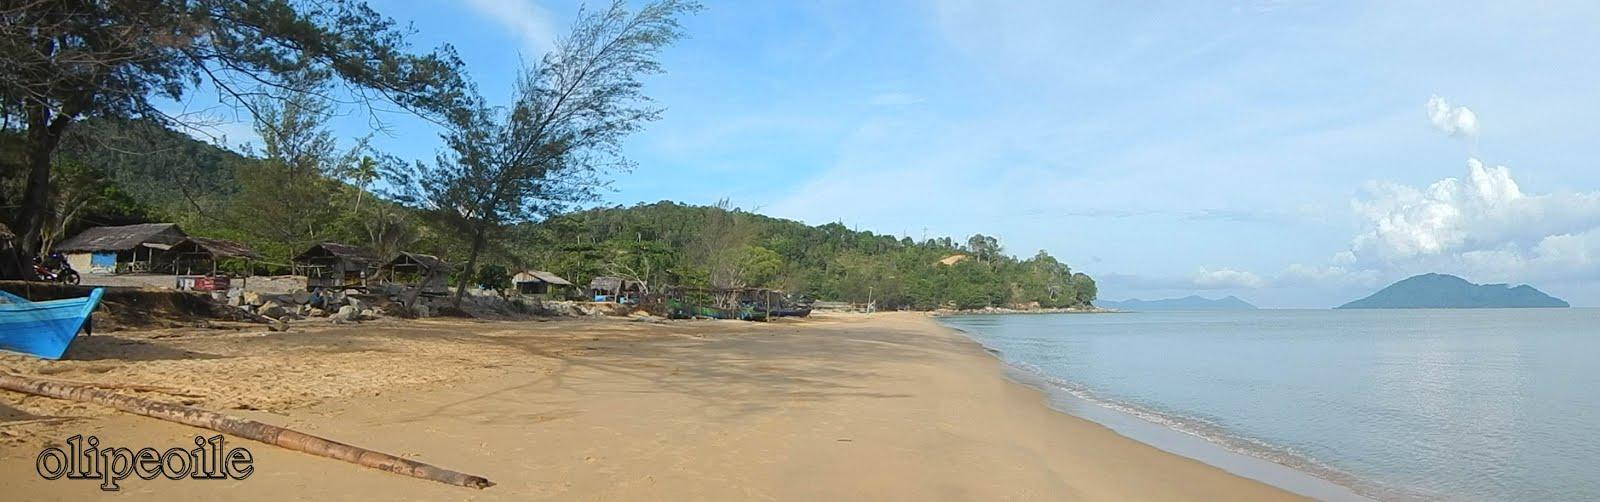 Wisata Pantai Kura Tio Ramadhan Bin Iwan Perawat Fisabilillah Enjoystay